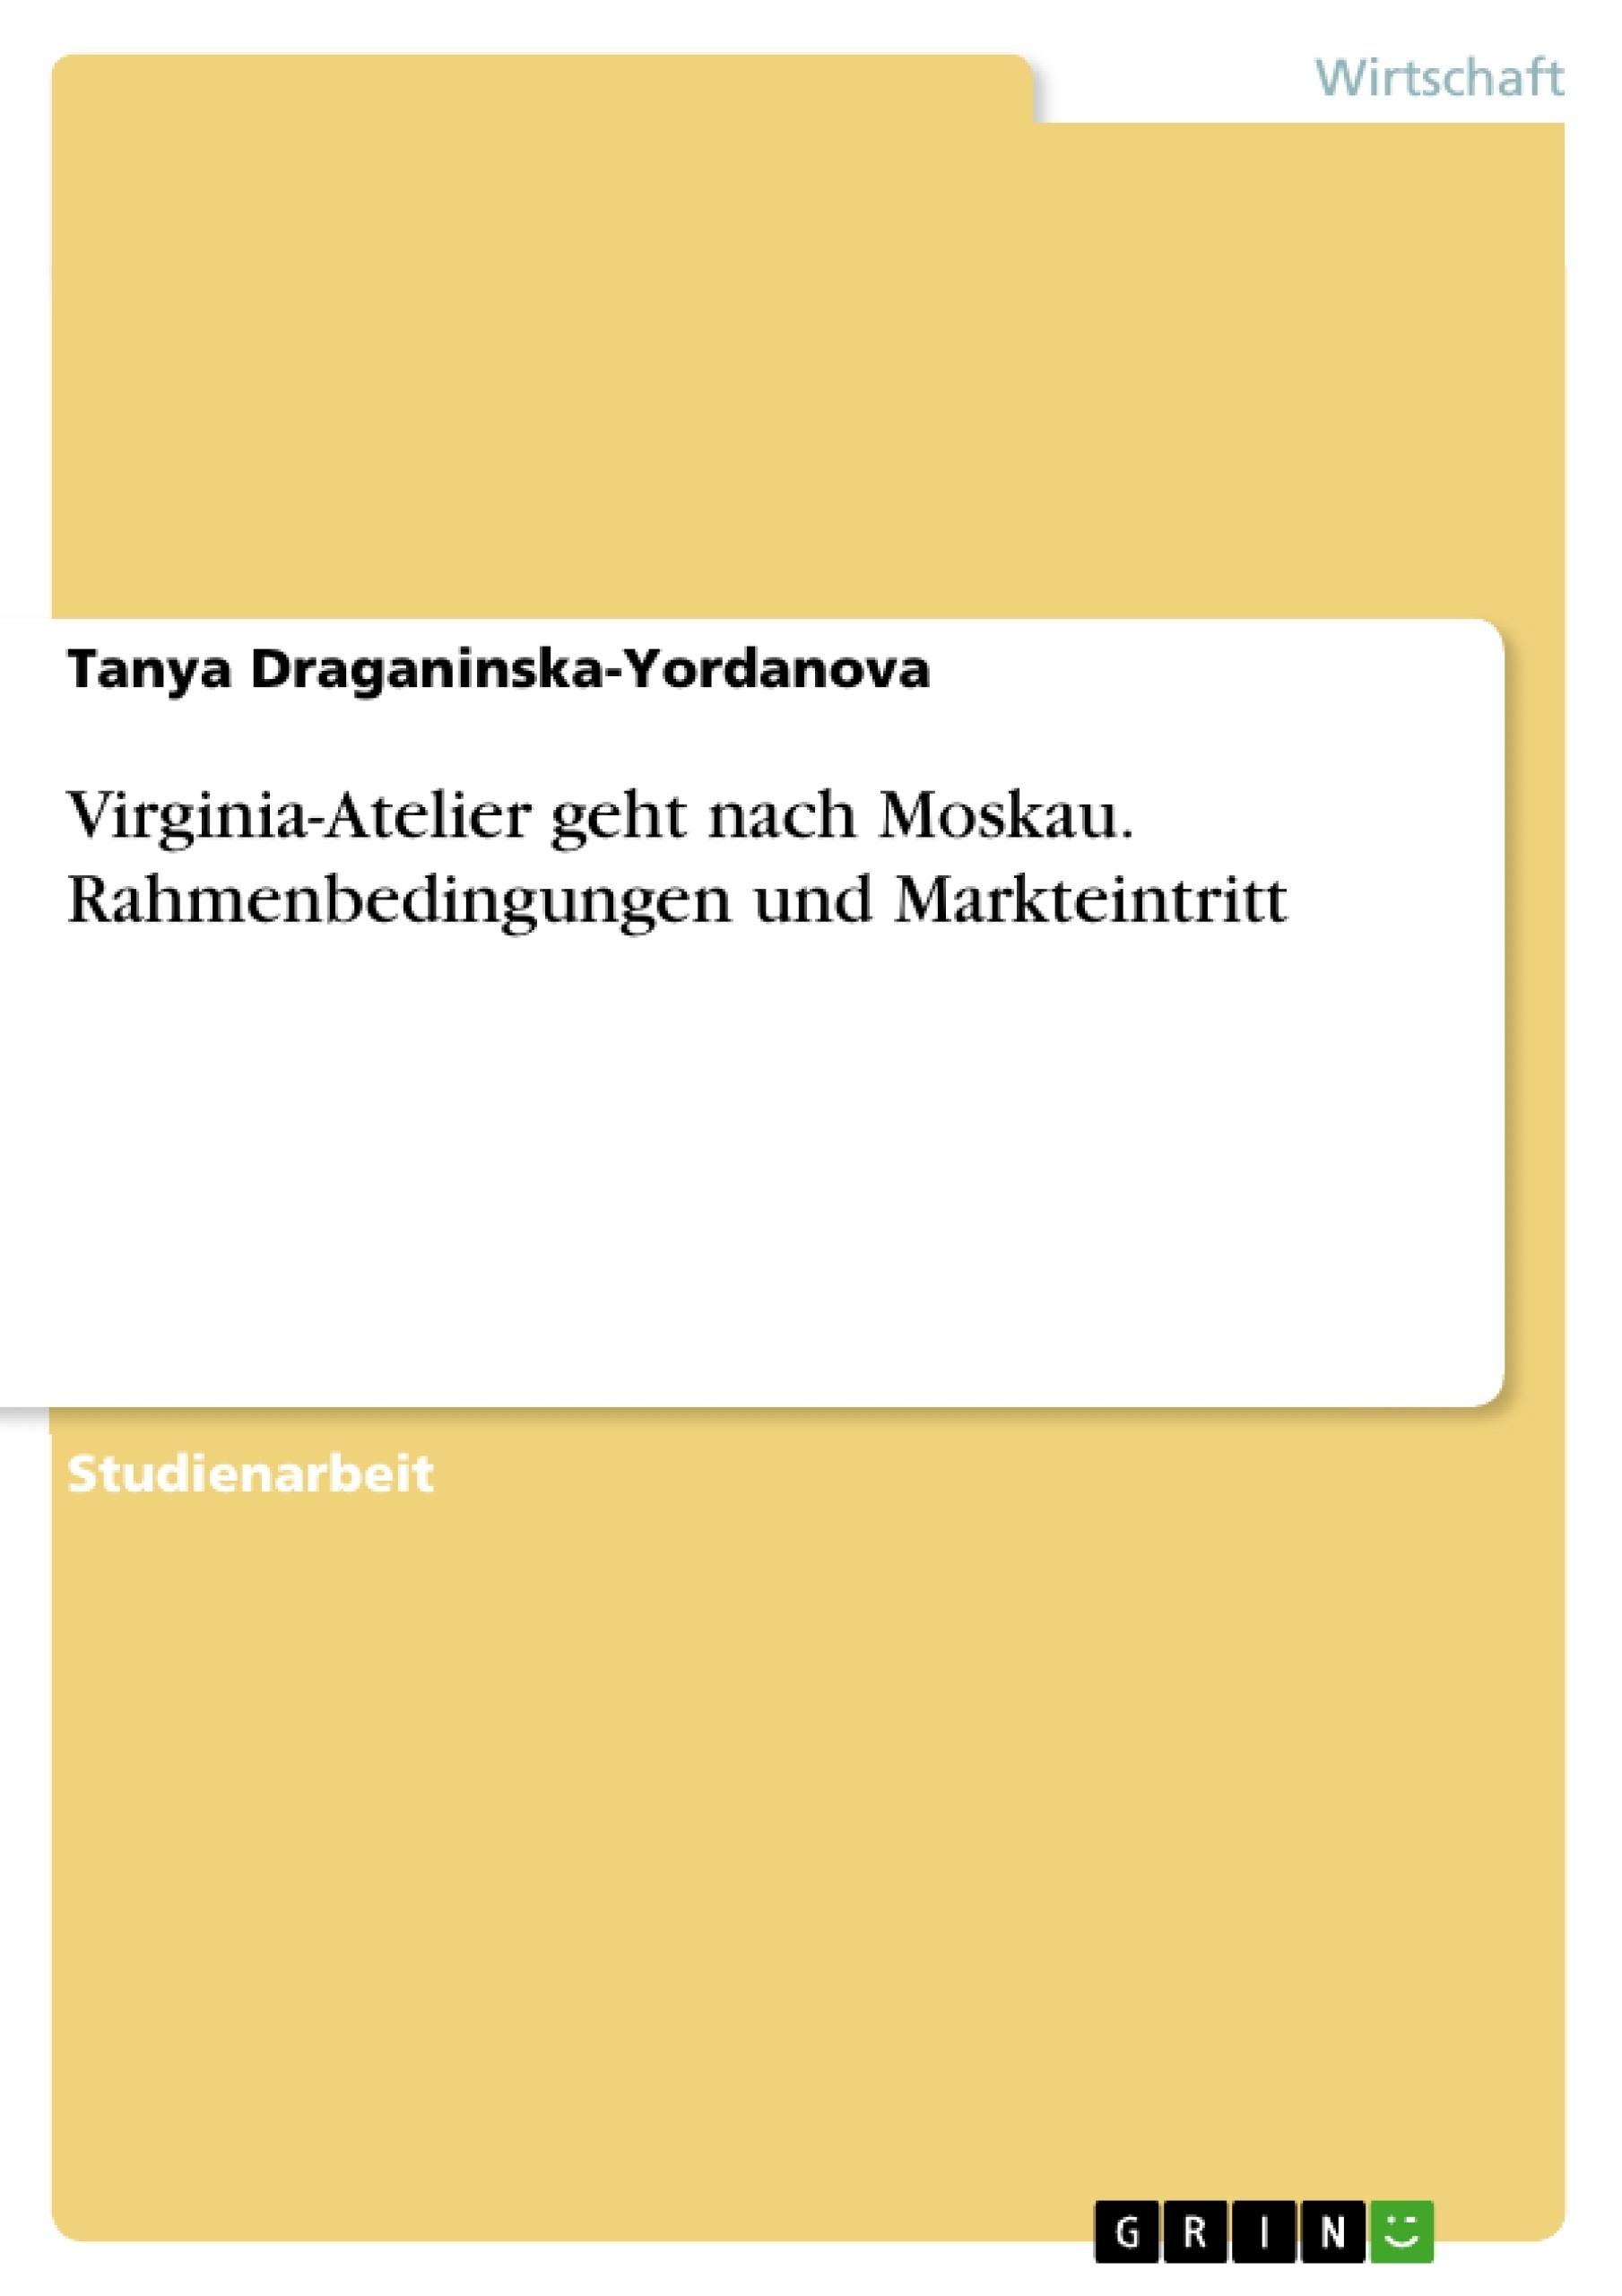 Titel: Virginia-Atelier geht nach Moskau. Rahmenbedingungen und Markteintritt